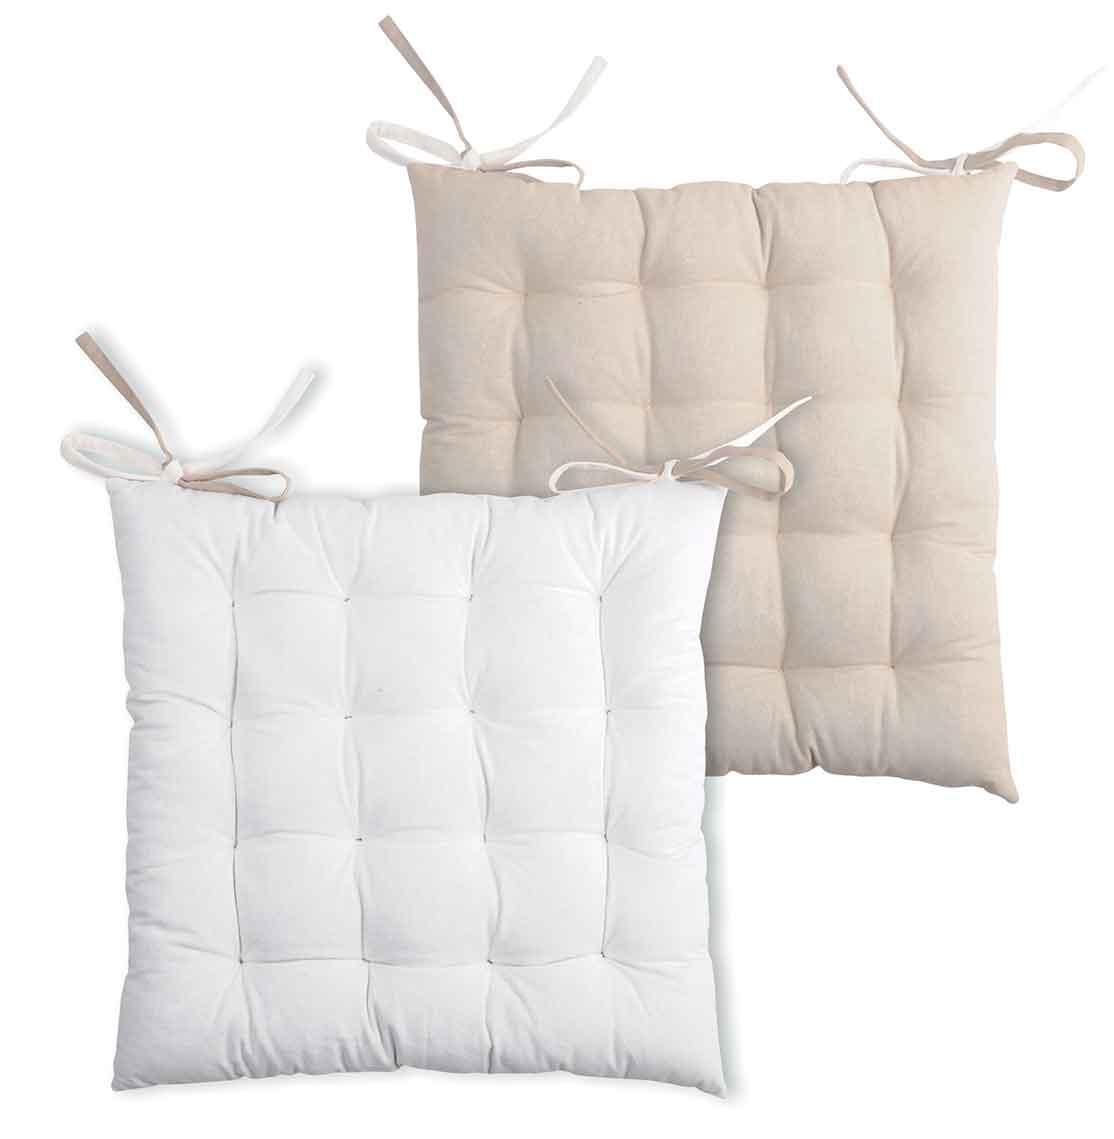 Galette de chaise bicolore coton ecru/lin 40x40